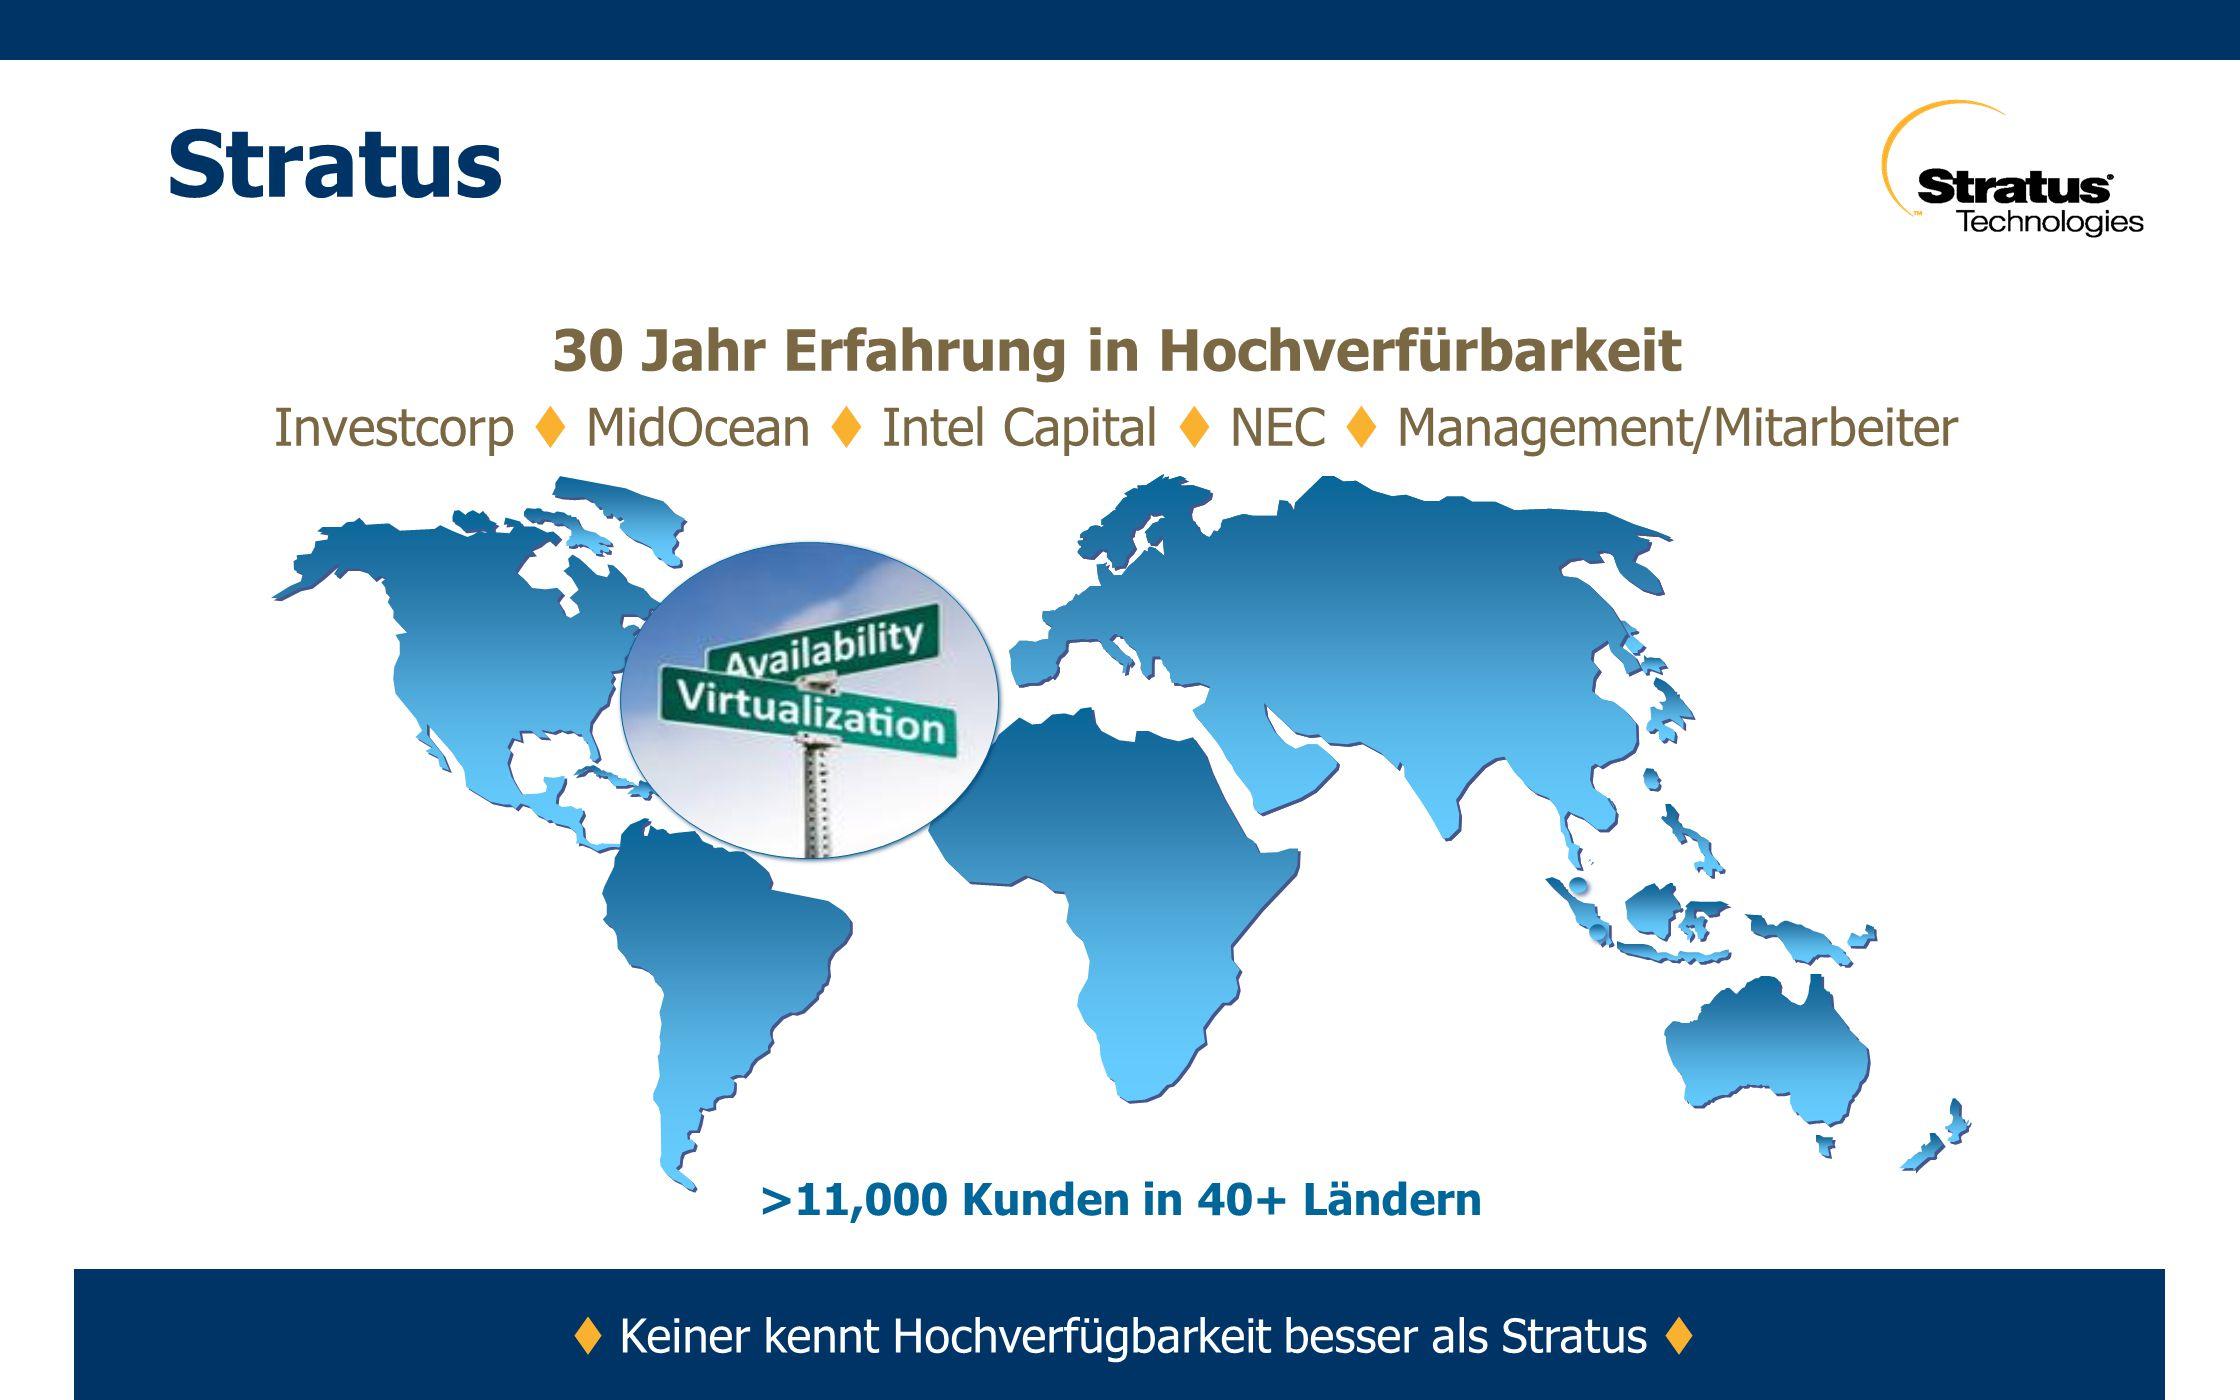 Stratus  Keiner kennt Hochverfügbarkeit besser als Stratus  >11,000 Kunden in 40+ Ländern 30 Jahr Erfahrung in Hochverfürbarkeit Investcorp  MidOcean  Intel Capital  NEC  Management/Mitarbeiter